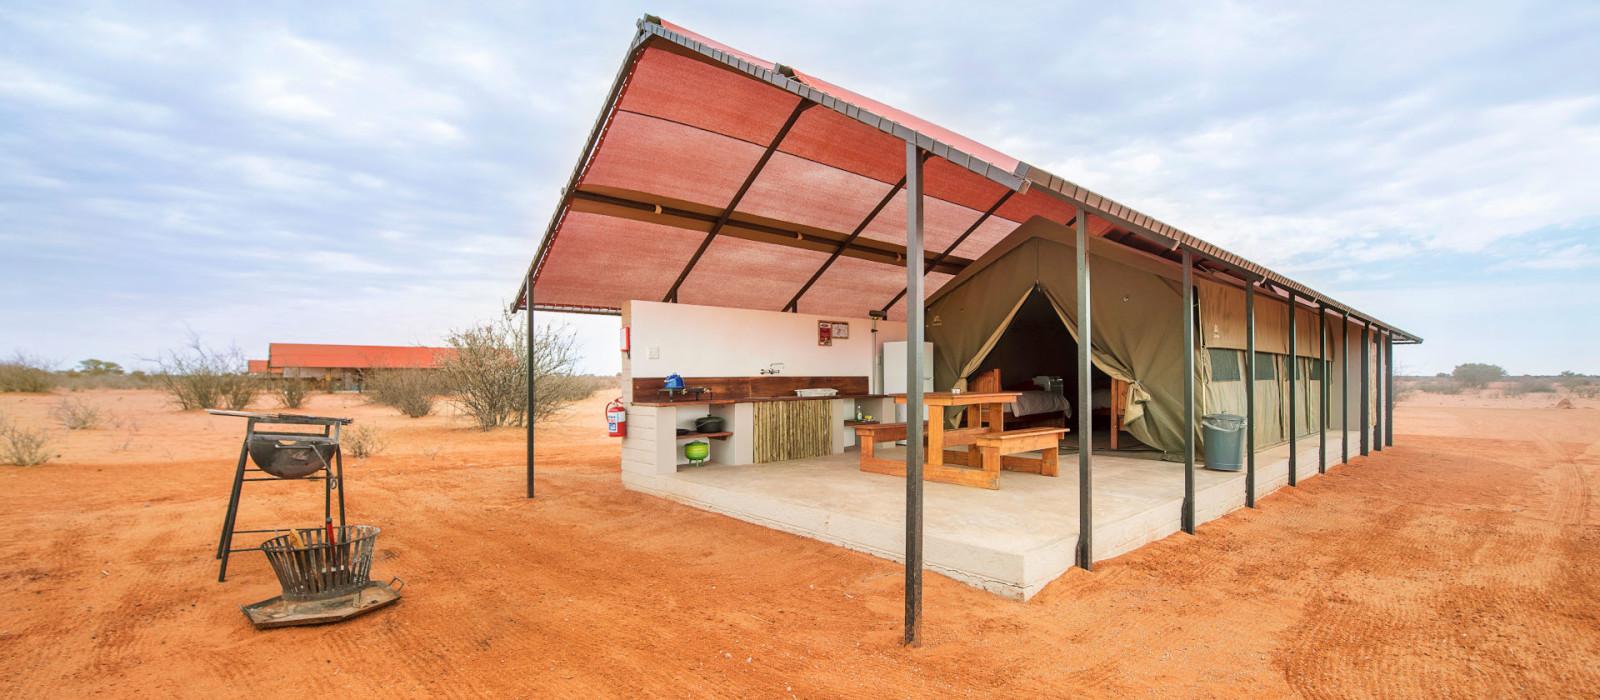 Hotel Kalahari Anib Lodge South Africa